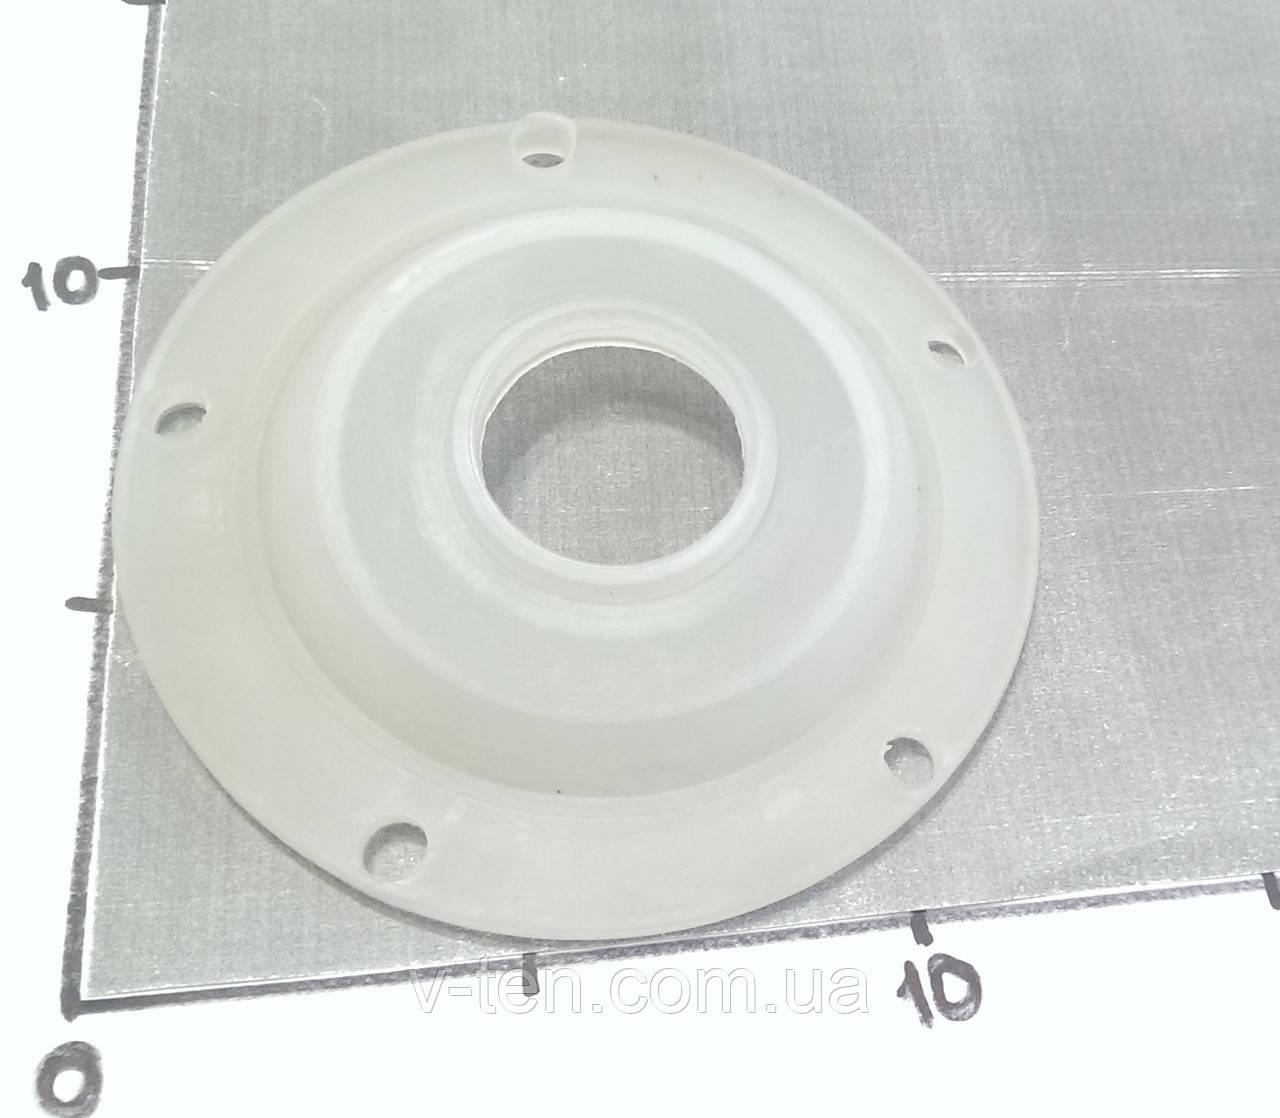 Прокладка резиновая для бойлеров Thermex, Round и др.